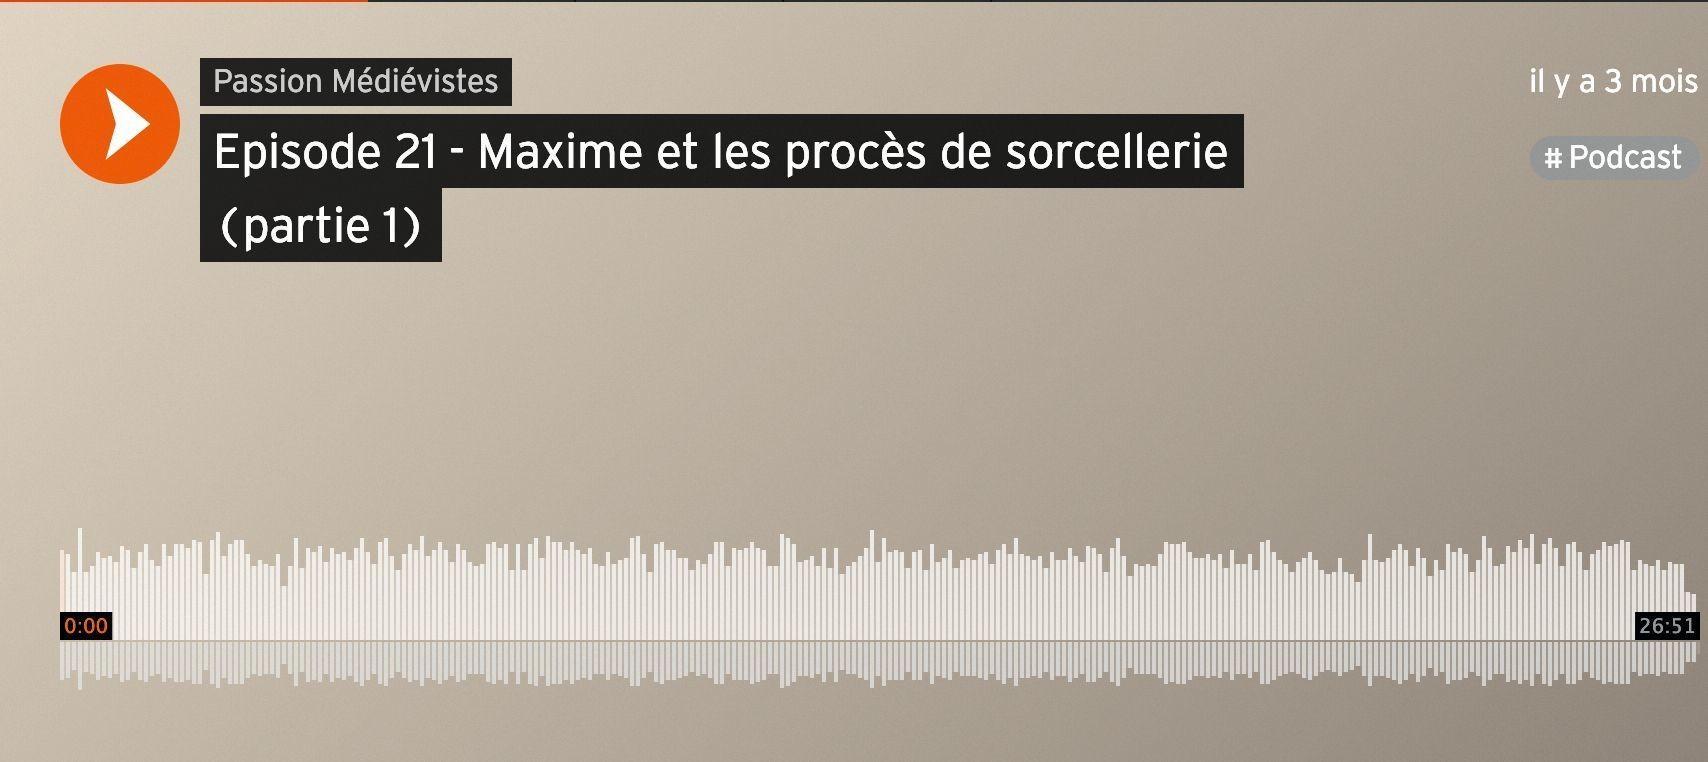 Maxime et les procès de sorcellerie, Passion Médiévistes, 2017